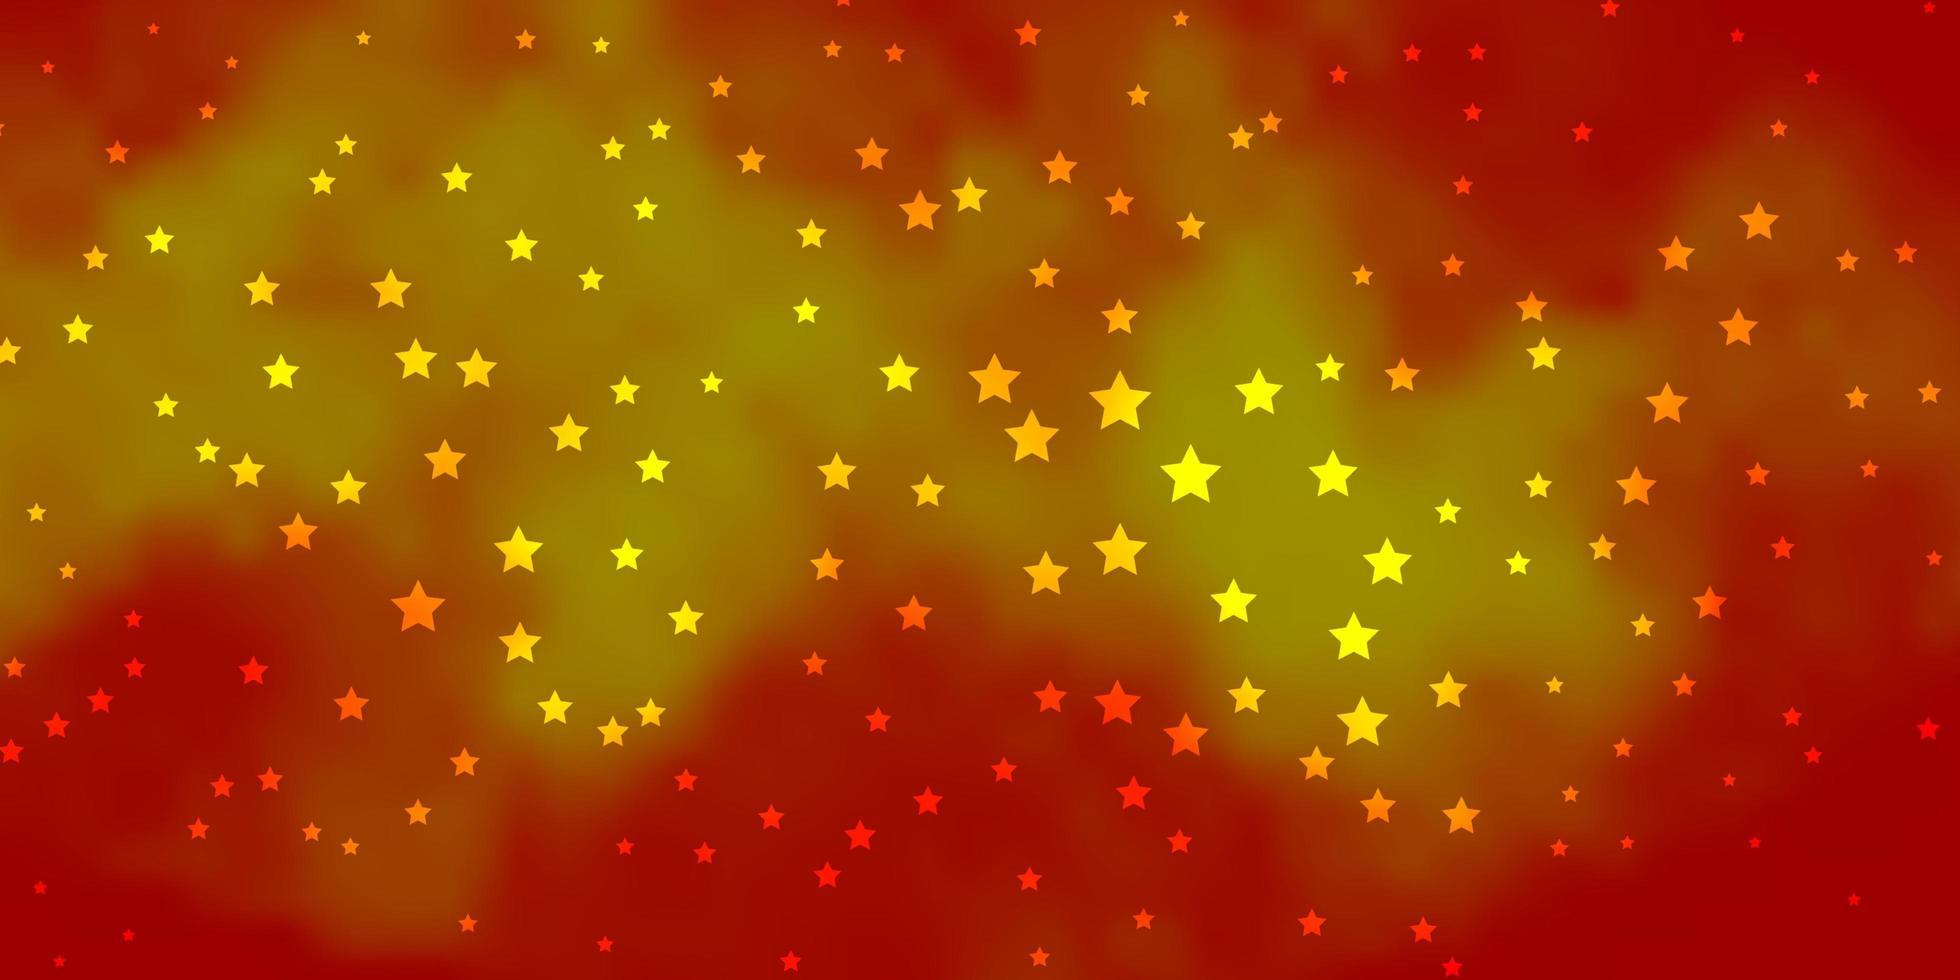 dunkelorange Vektormuster mit abstrakten Sternen. vektor